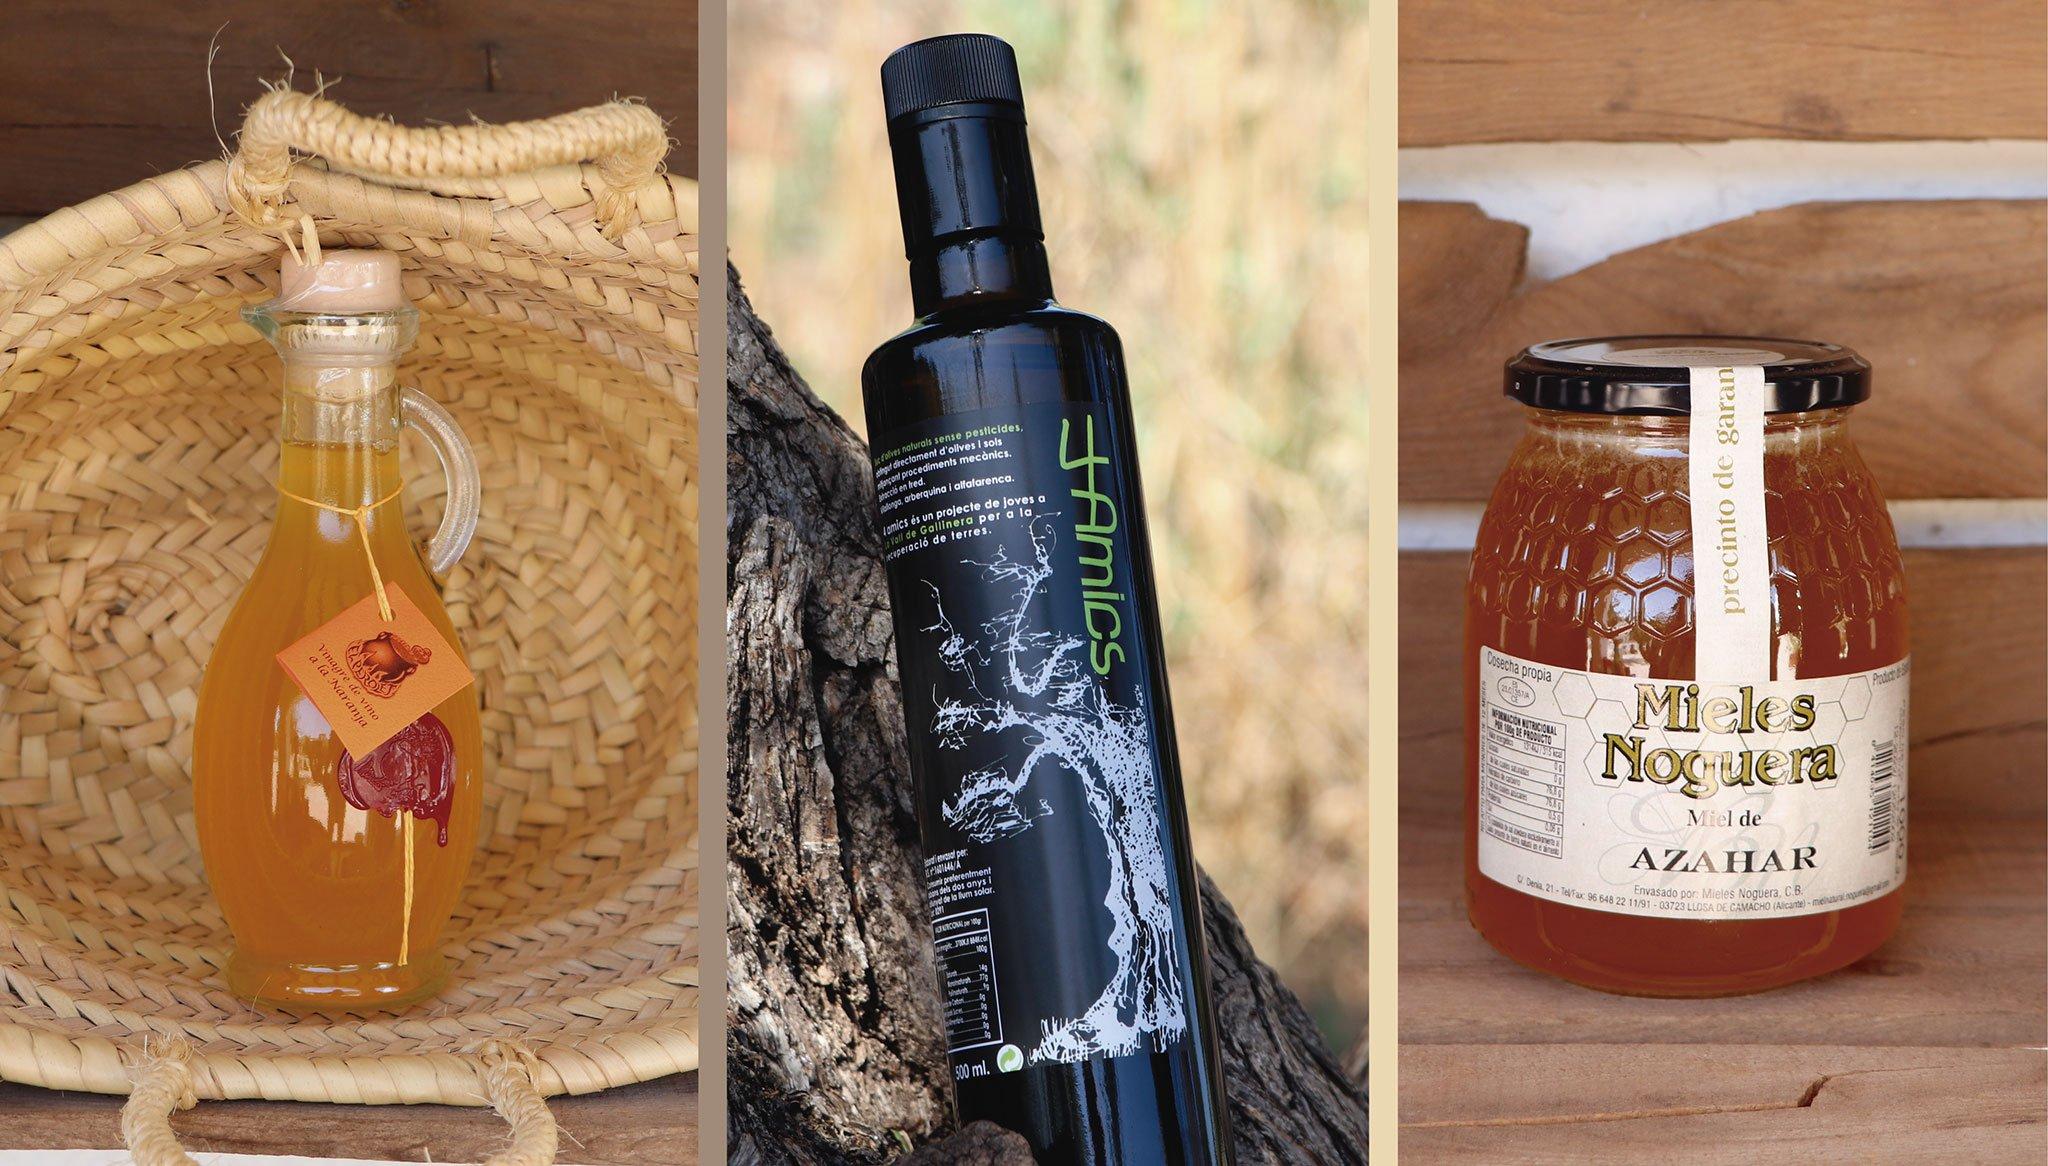 Consigue uno de estos tres productos artesanos en el sorteo de De la Tierra Jávea